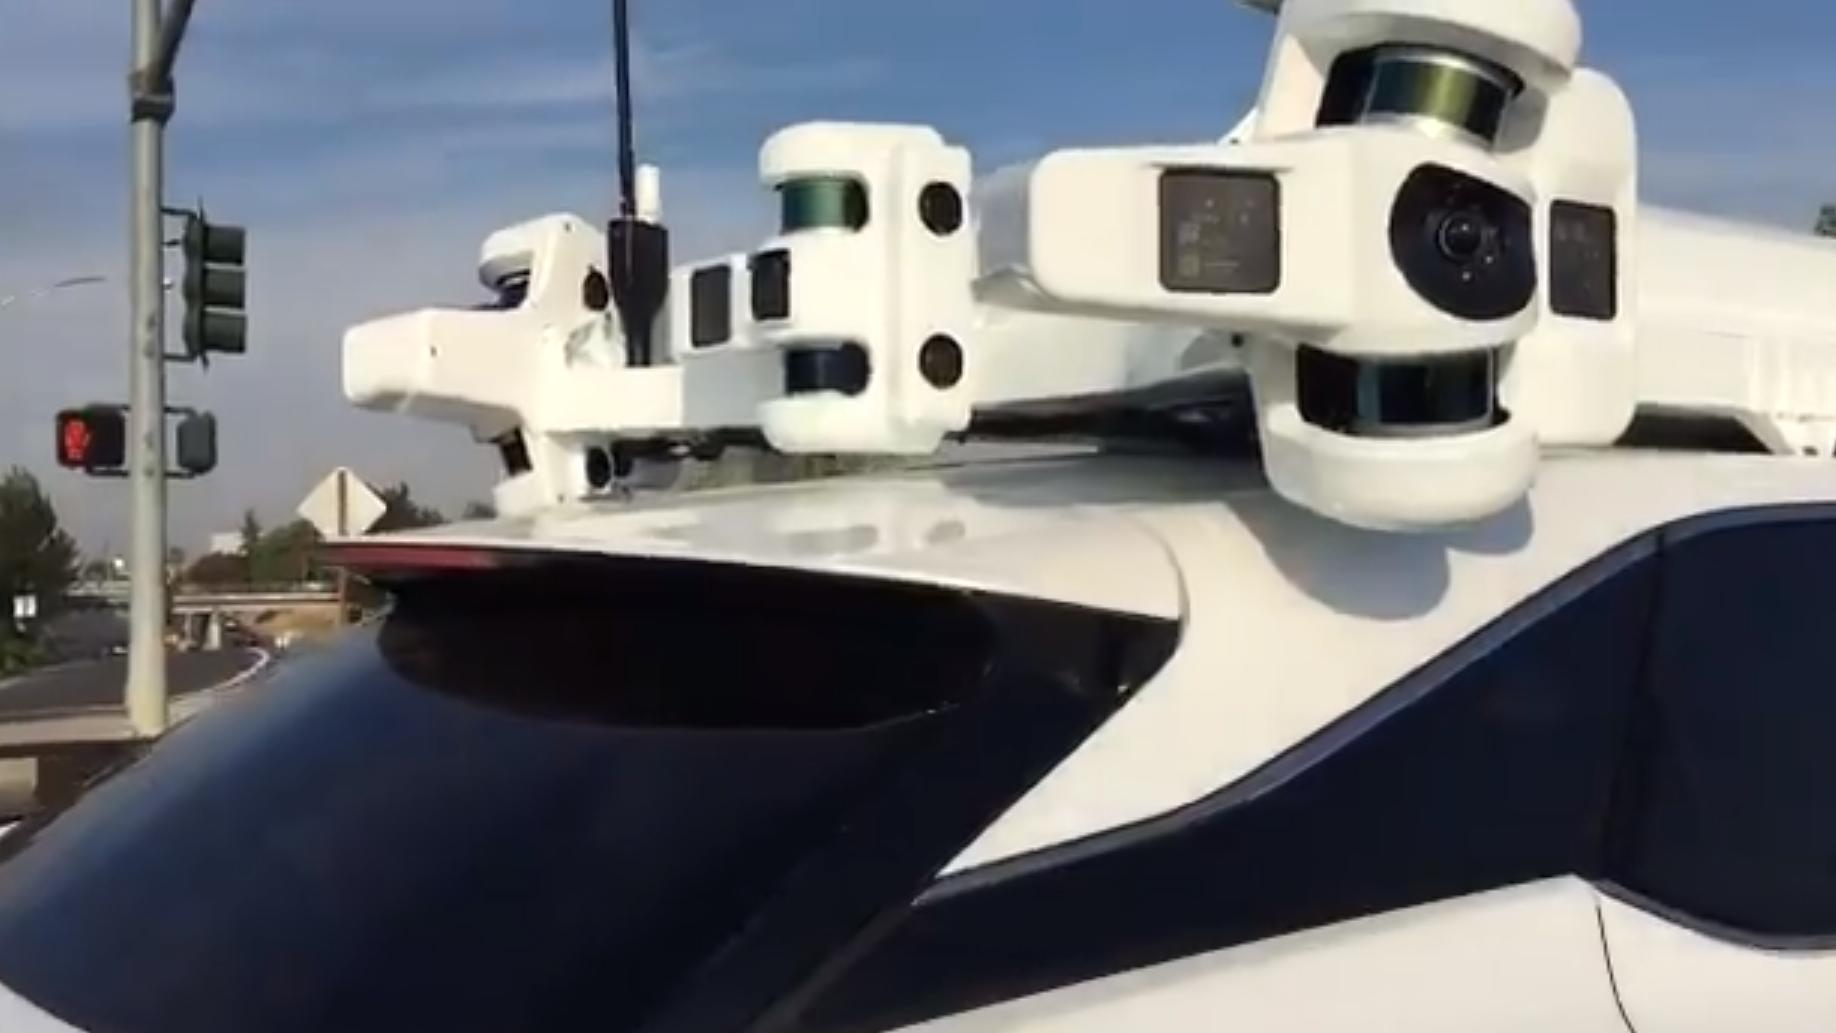 Apple letter endelig på sløret om sine selvkjørende biler